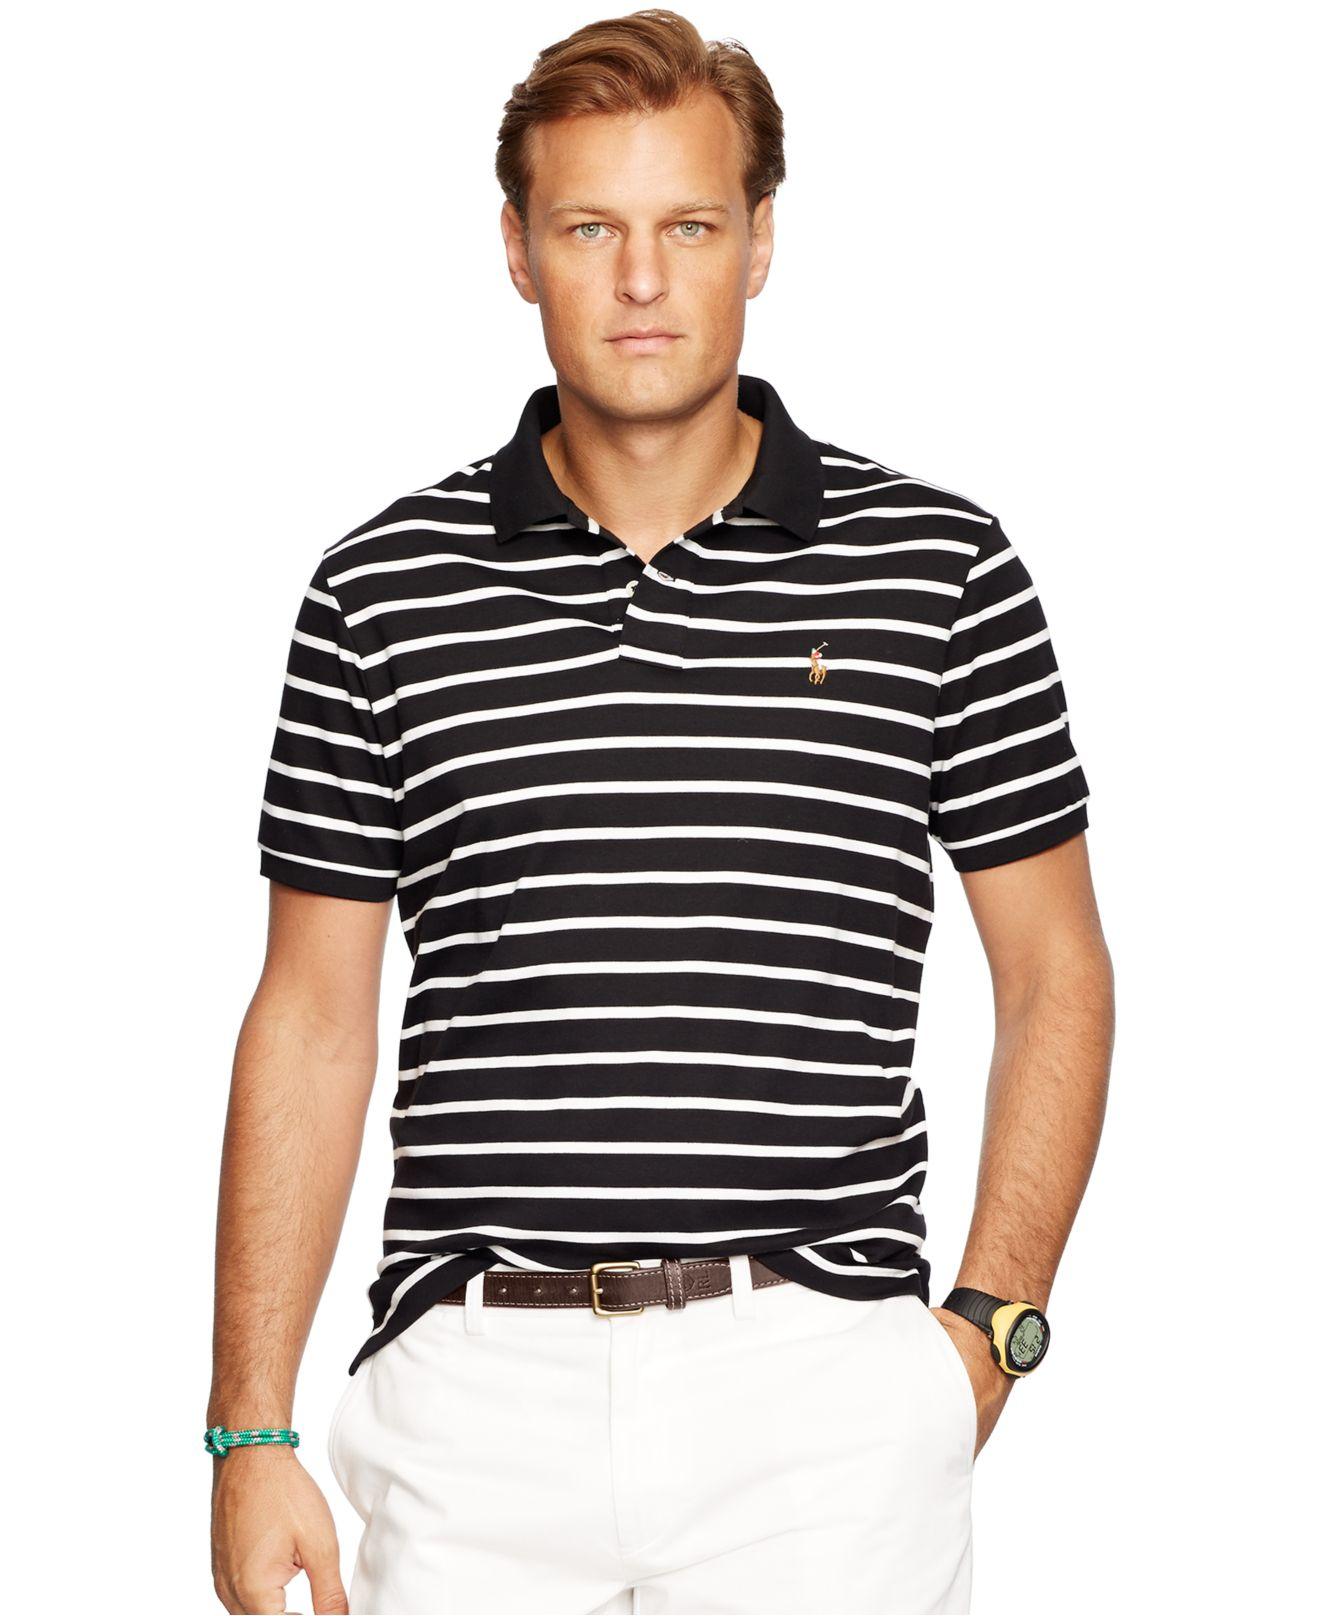 e2a1dae2b9ff Lyst - Polo Ralph Lauren Big   Tall Striped Pima Soft-touch Polo ...